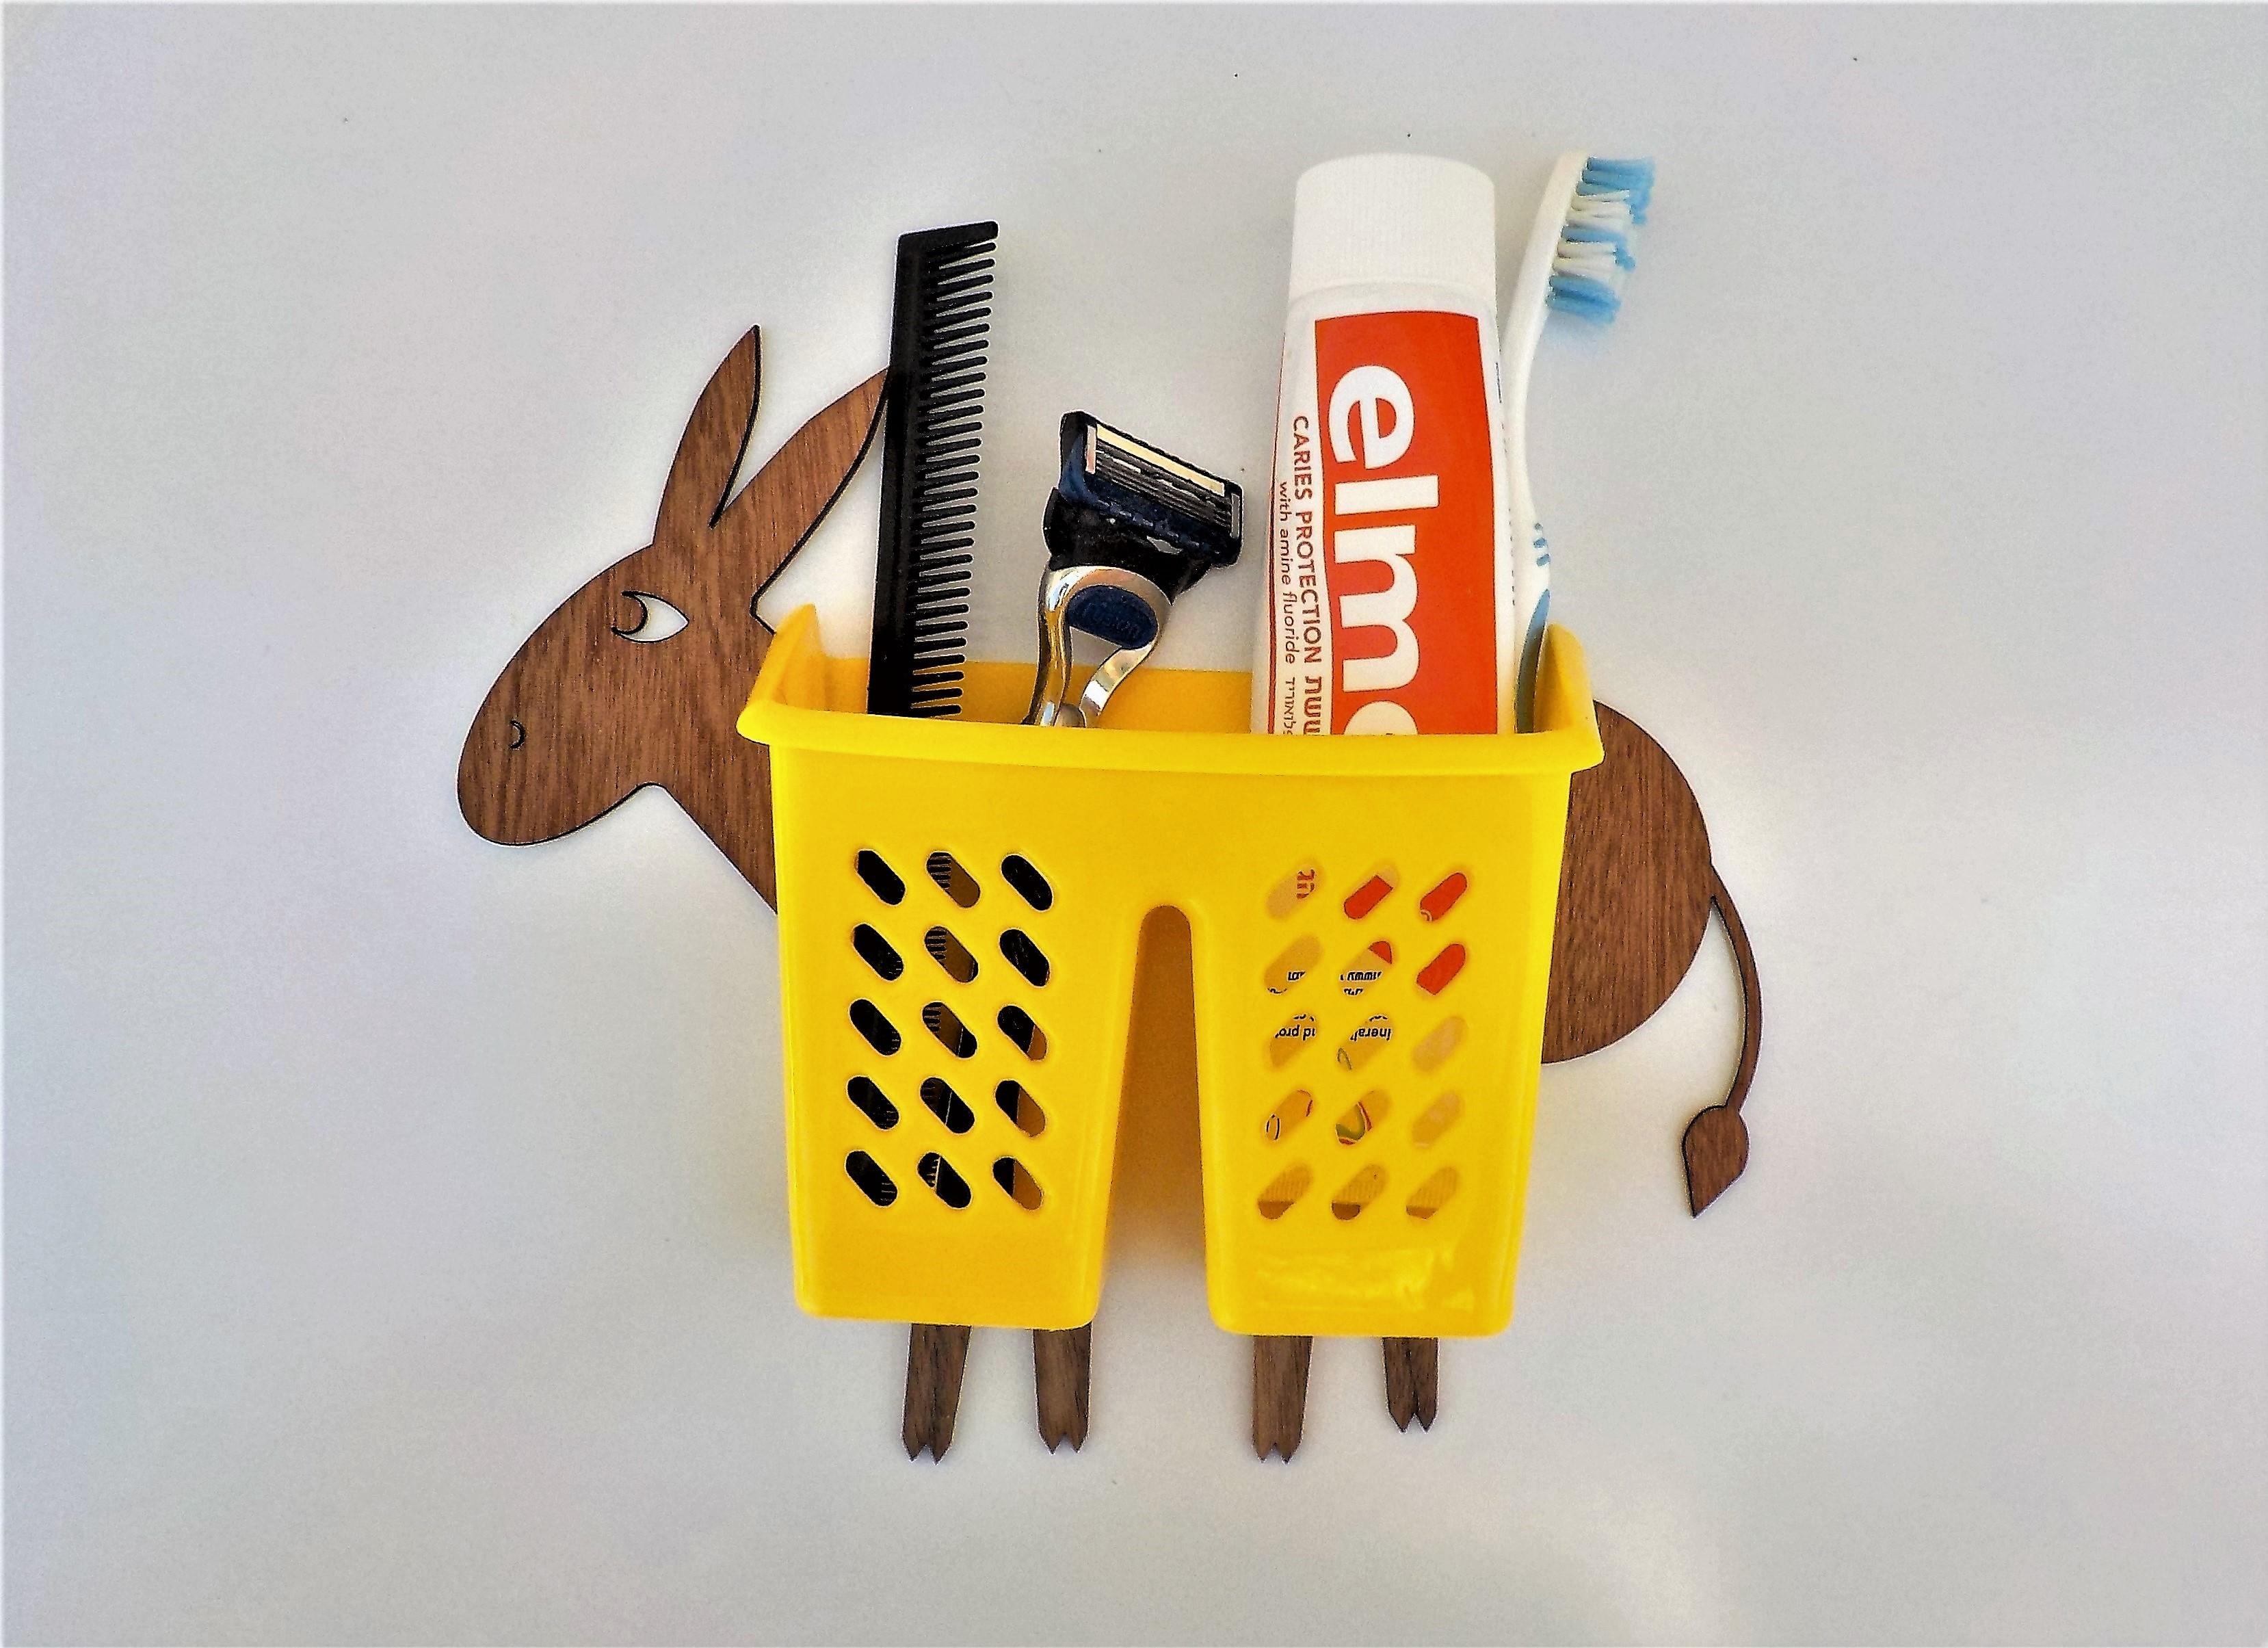 Donkey sticker - Funny handmade gift